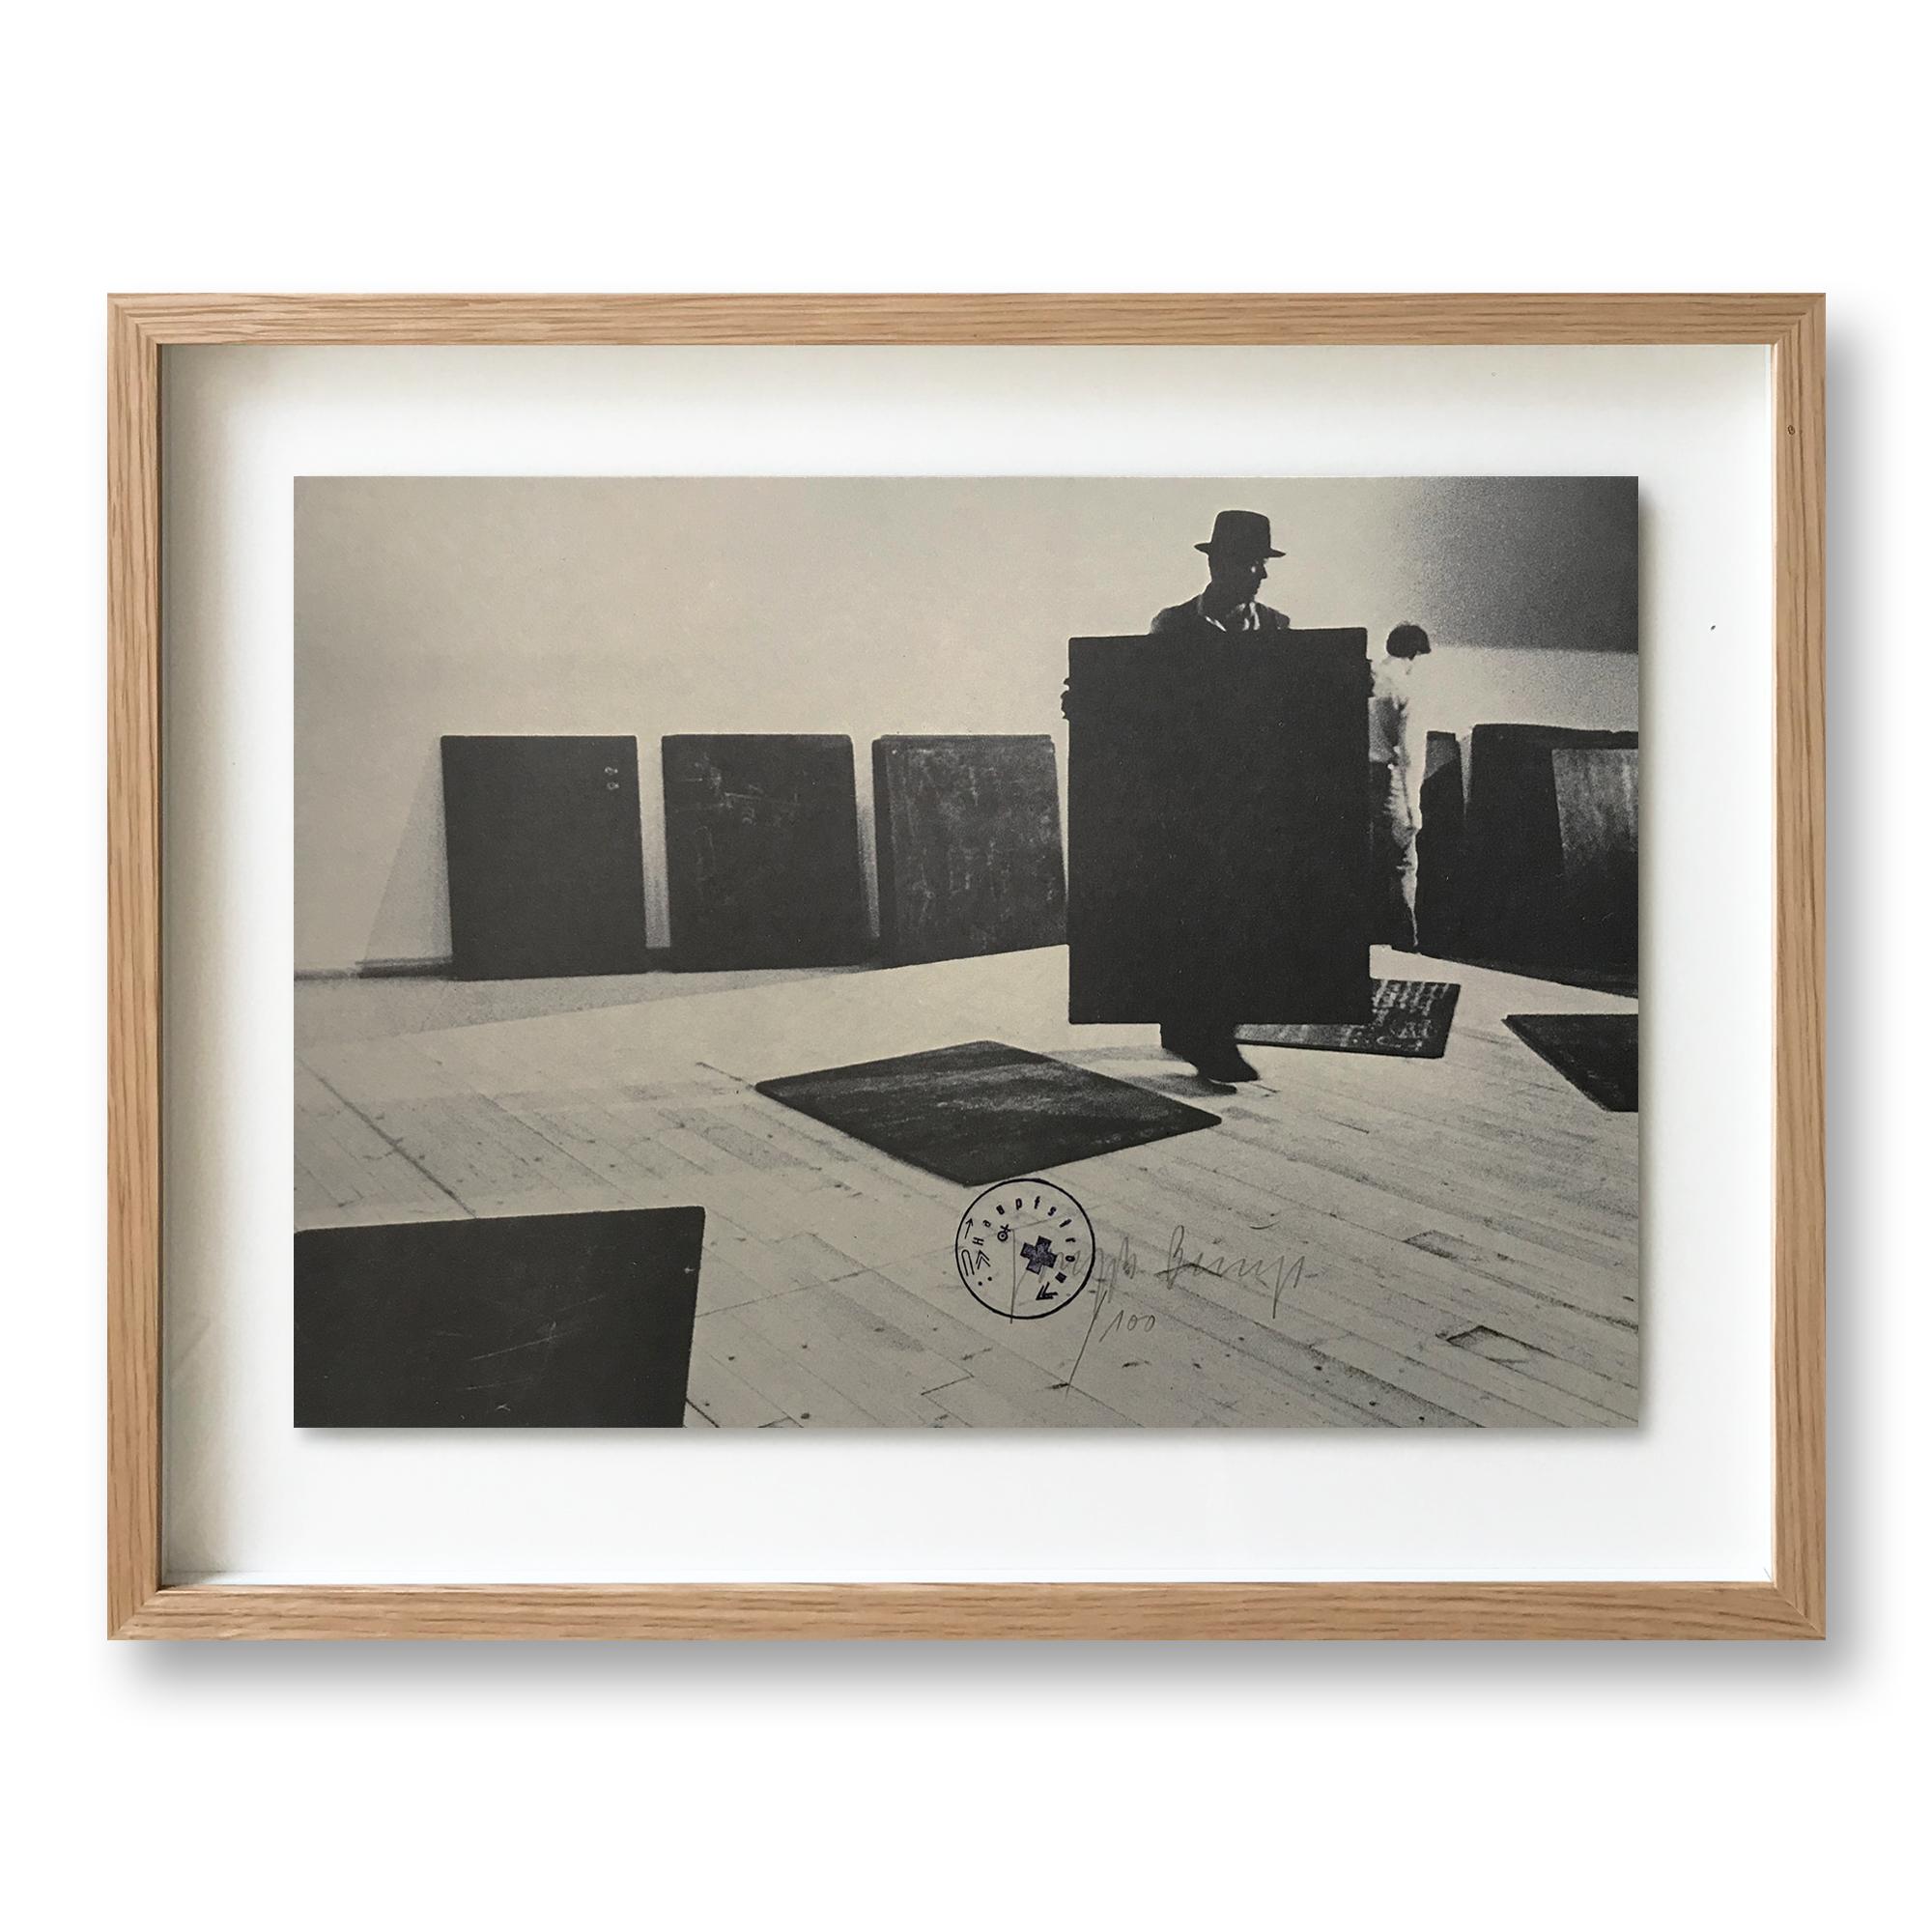 Aufbau by Joseph Beuys